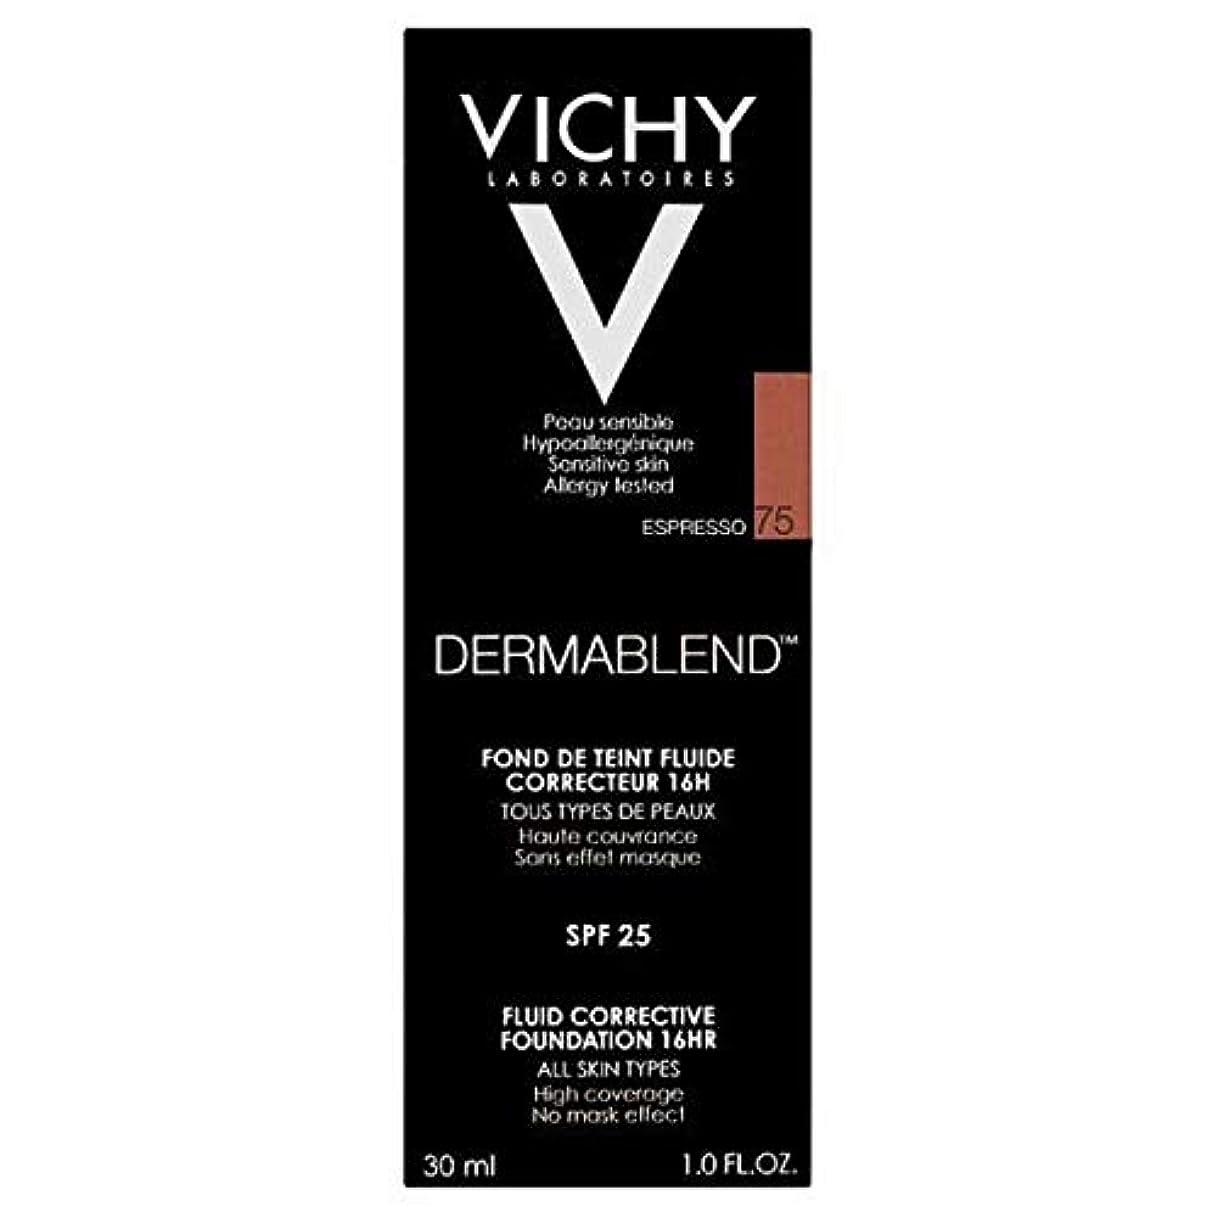 局オリエンタルミシン目[Vichy ] ヴィシーDermablend流体是正基盤75エスプレッソ - Vichy Dermablend Fluid Corrective Foundation 75 Espresso [並行輸入品]